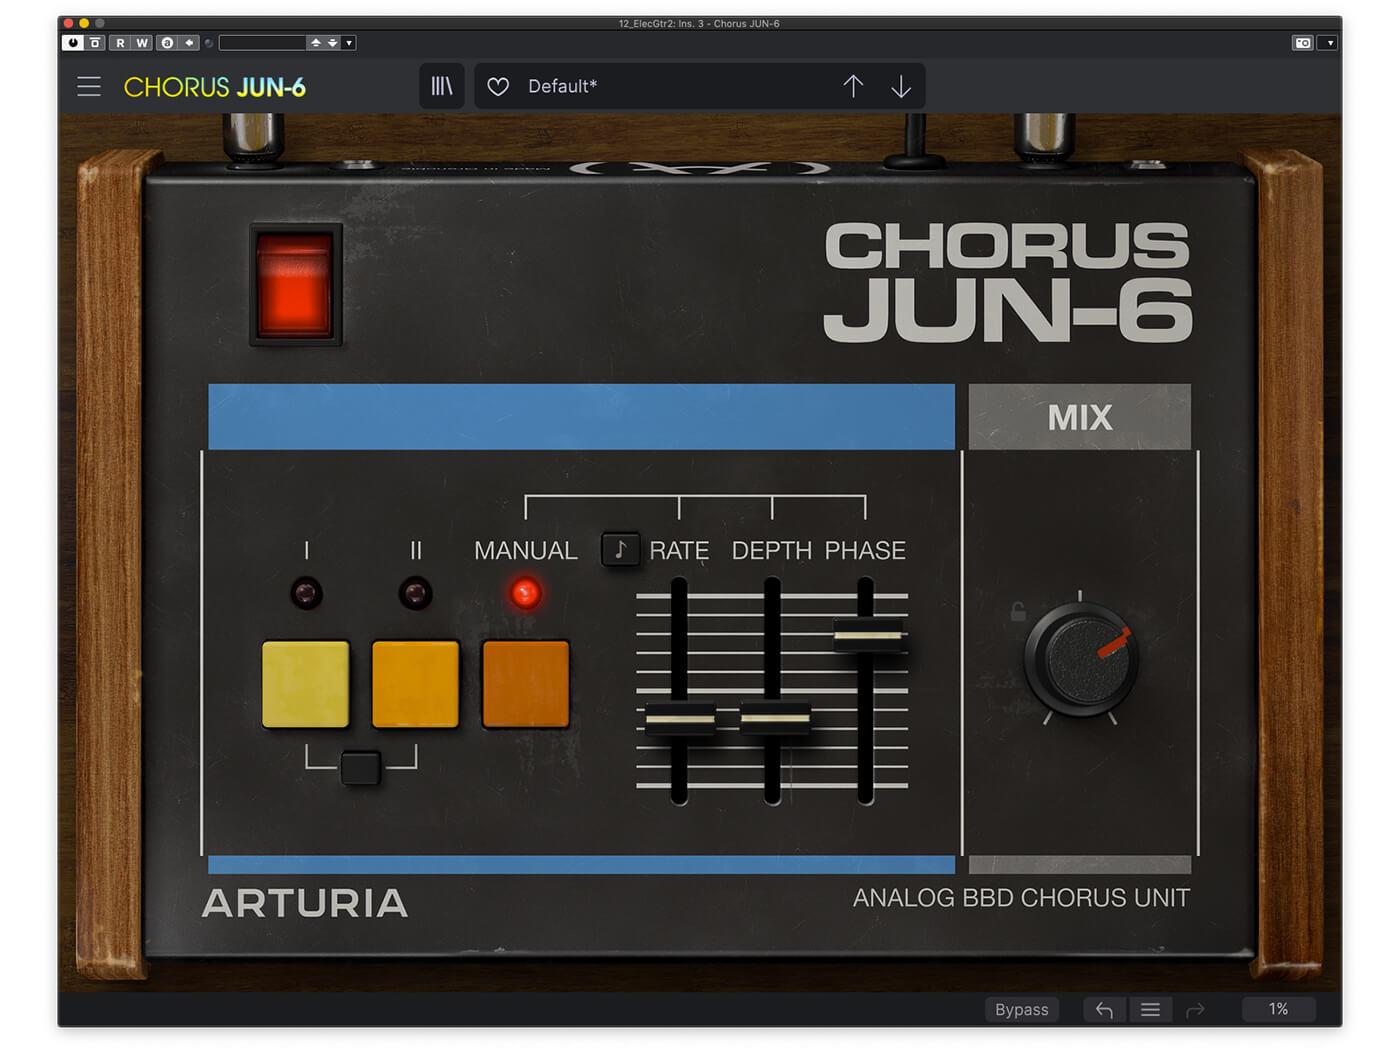 Arturia FX Collection 2 Chorus JUN-6